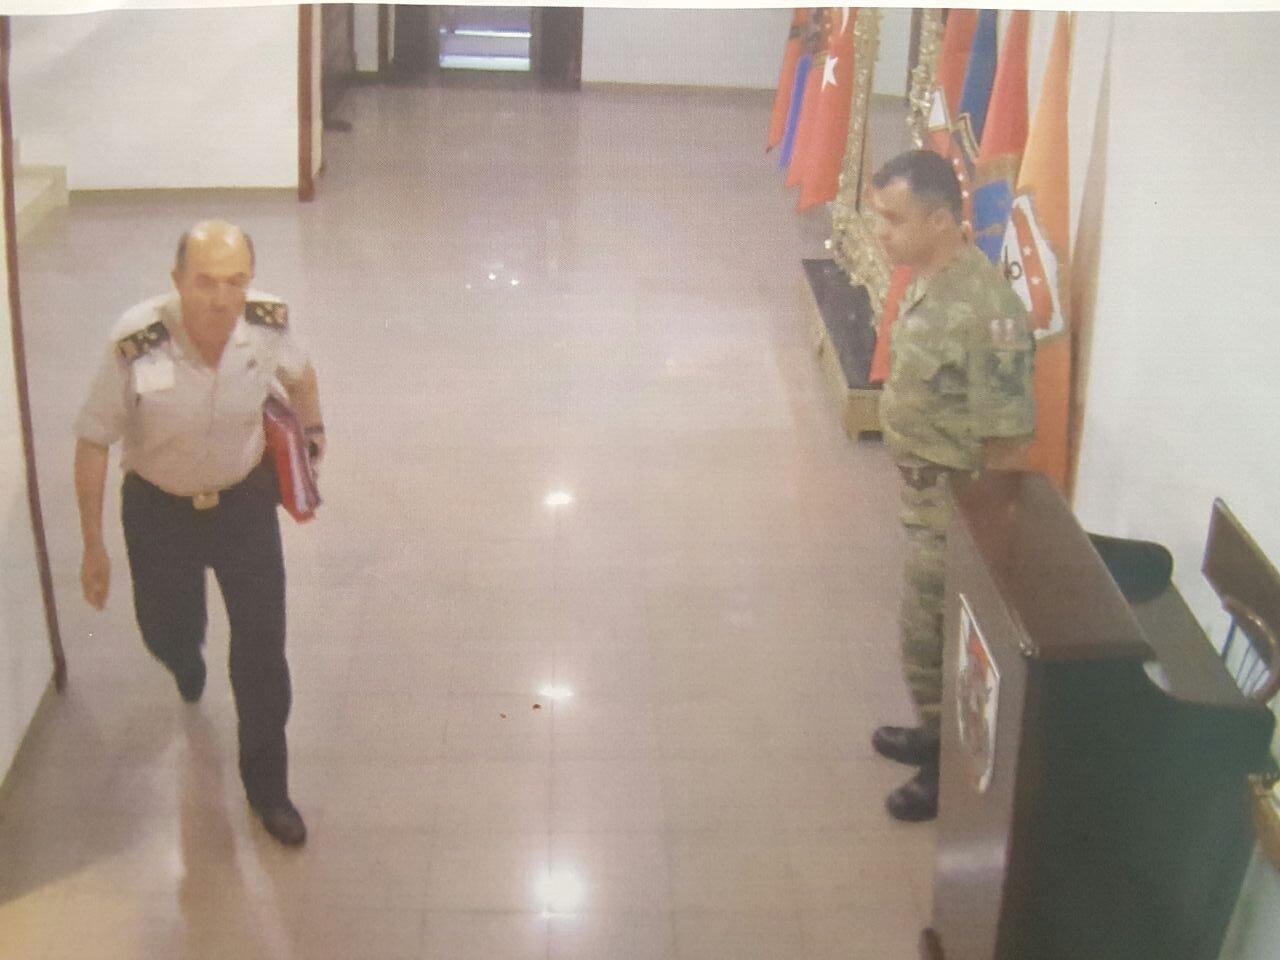 Genelkurmay Personel Daire Başkanı Korgeneral İlhan Talu'nun baskın için gelen darbecilere eşlik ettiği güvenlik kameralarına yansıdı.